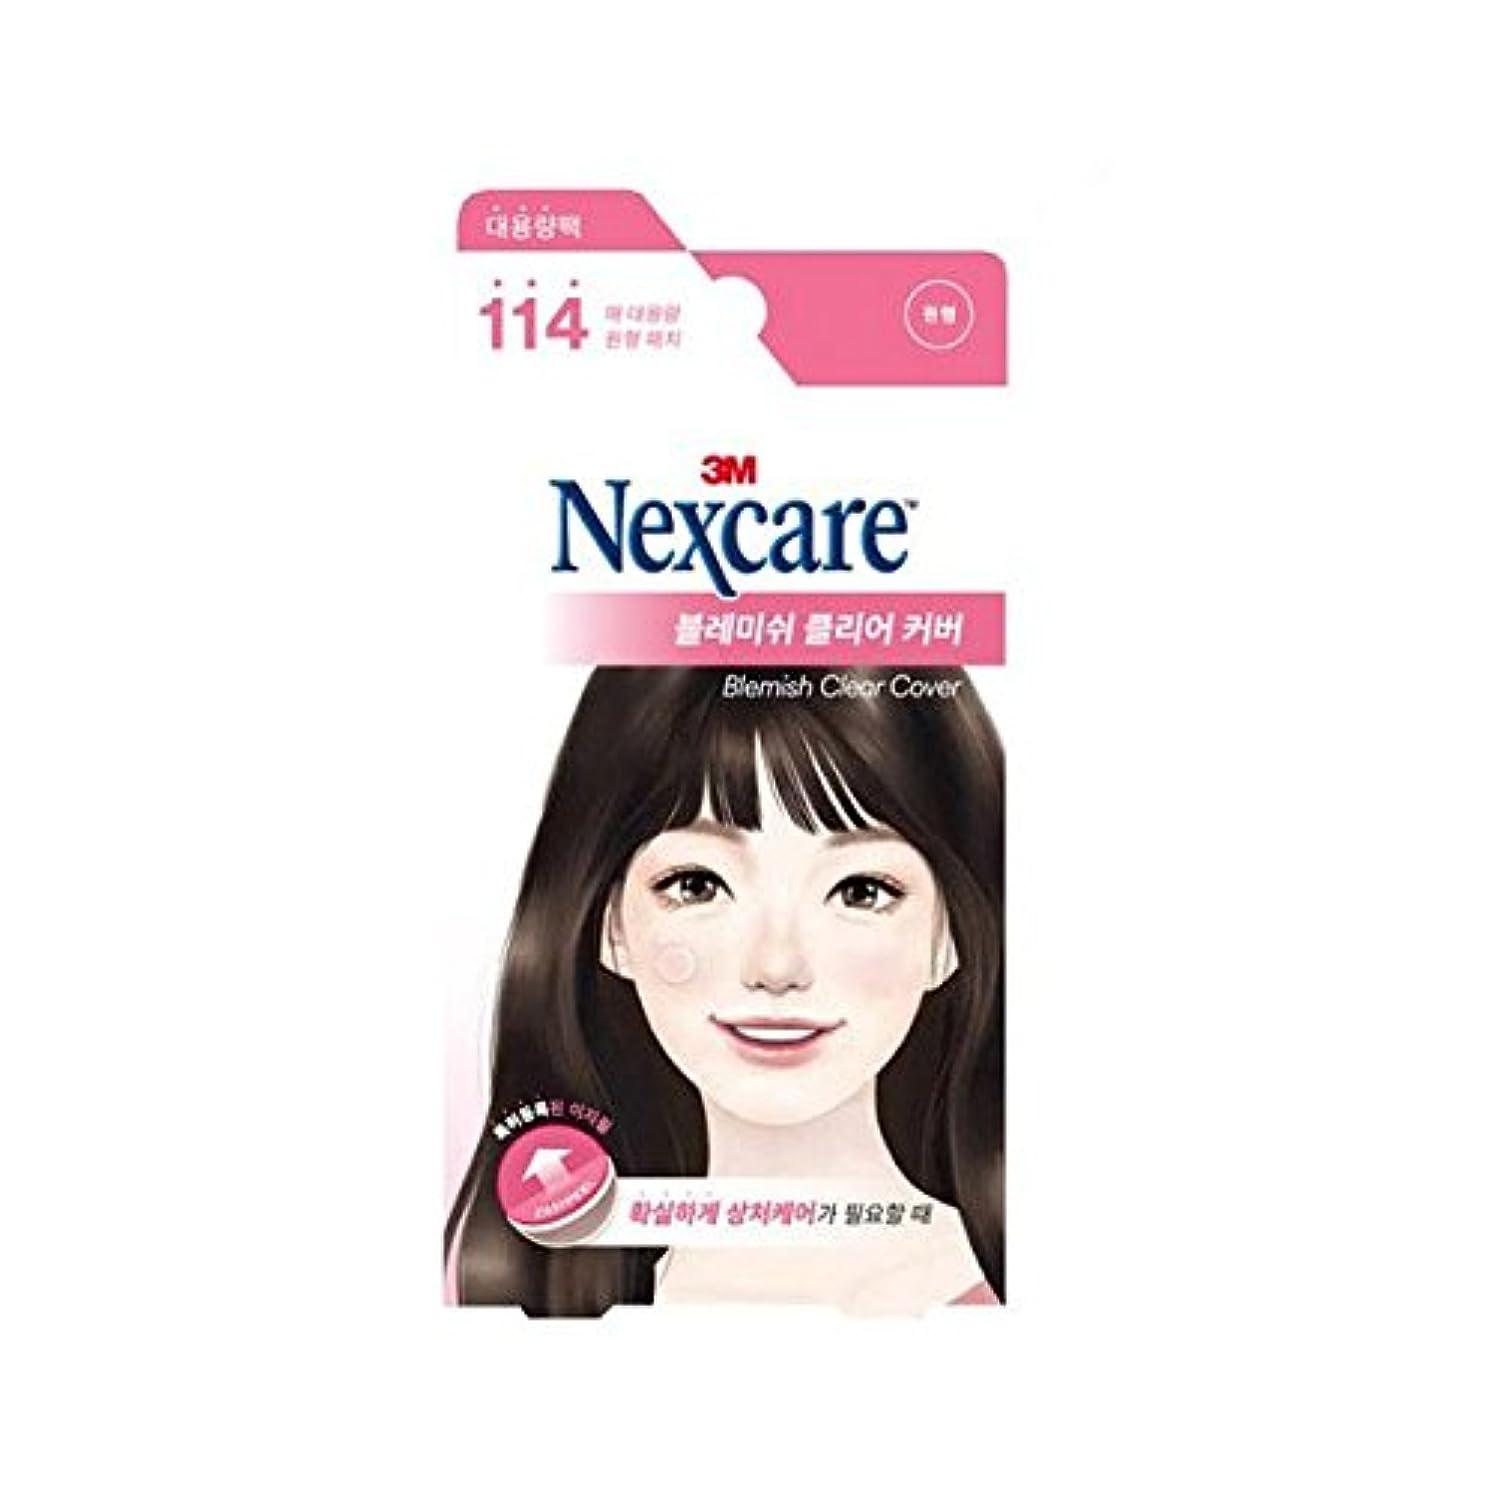 無数の焦げ華氏[New] 3M Nexcare Blemish Clear Cover Easy Peel 114 Patches/3M ネクスケア ブレミッシュ クリア カバー イージー ピール 114パッチ入り [並行輸入品]